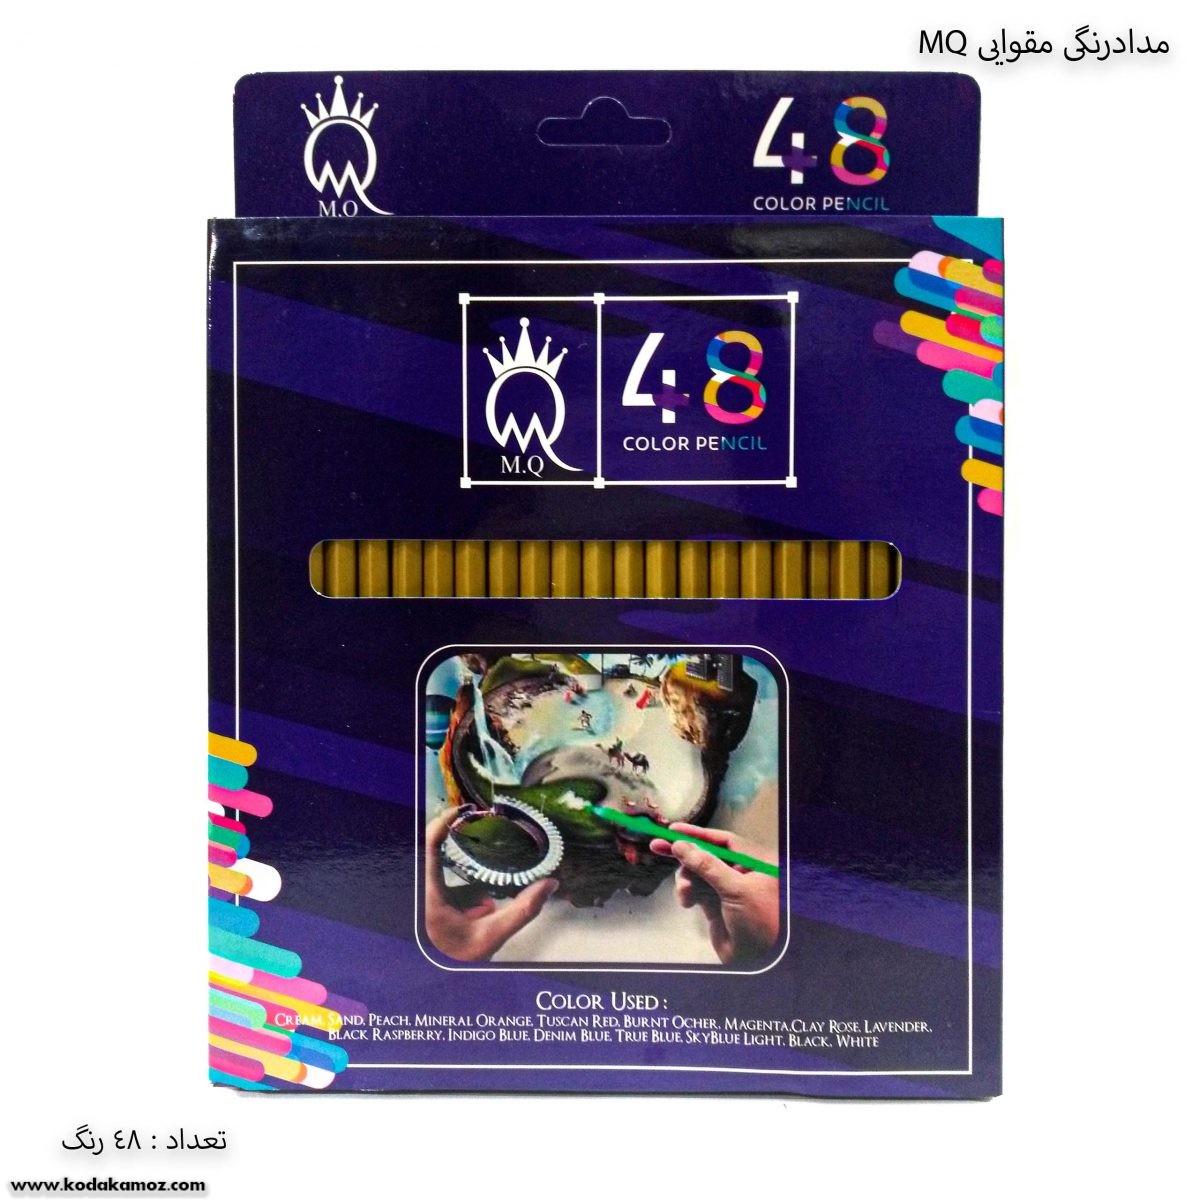 مداد رنگی 48 مقوایی ام کیو 1